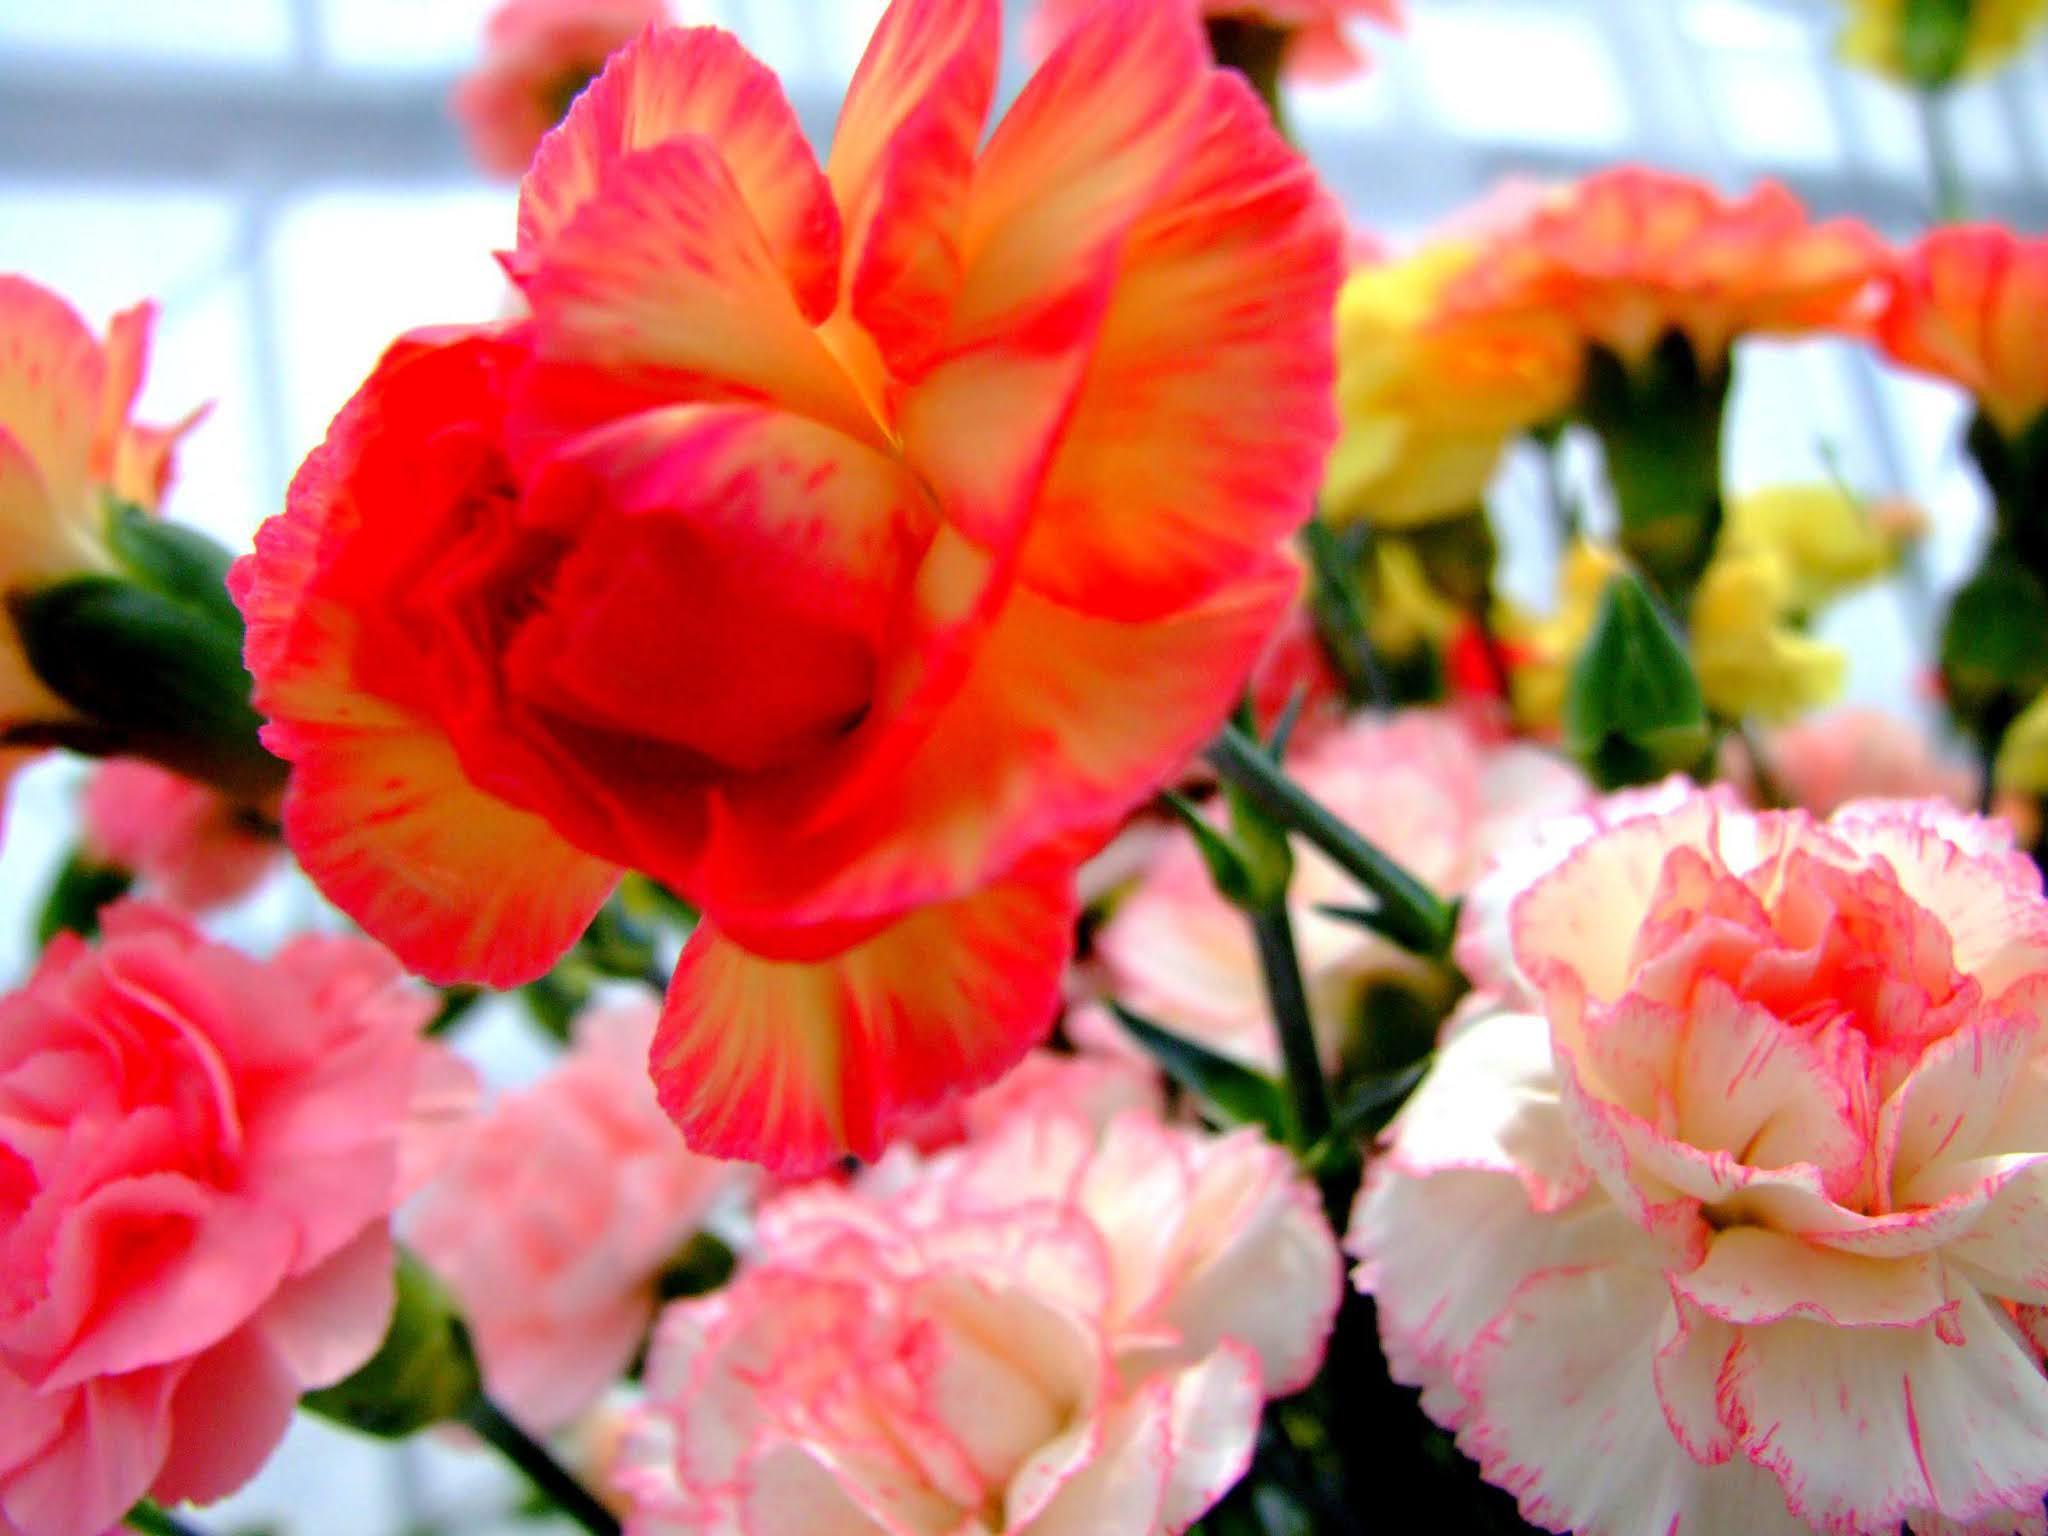 真っ赤なカーネーションと、それを彩るように周りを囲む白とピンクのカーネーションです。母の日の素材などにいかがでしょうか。